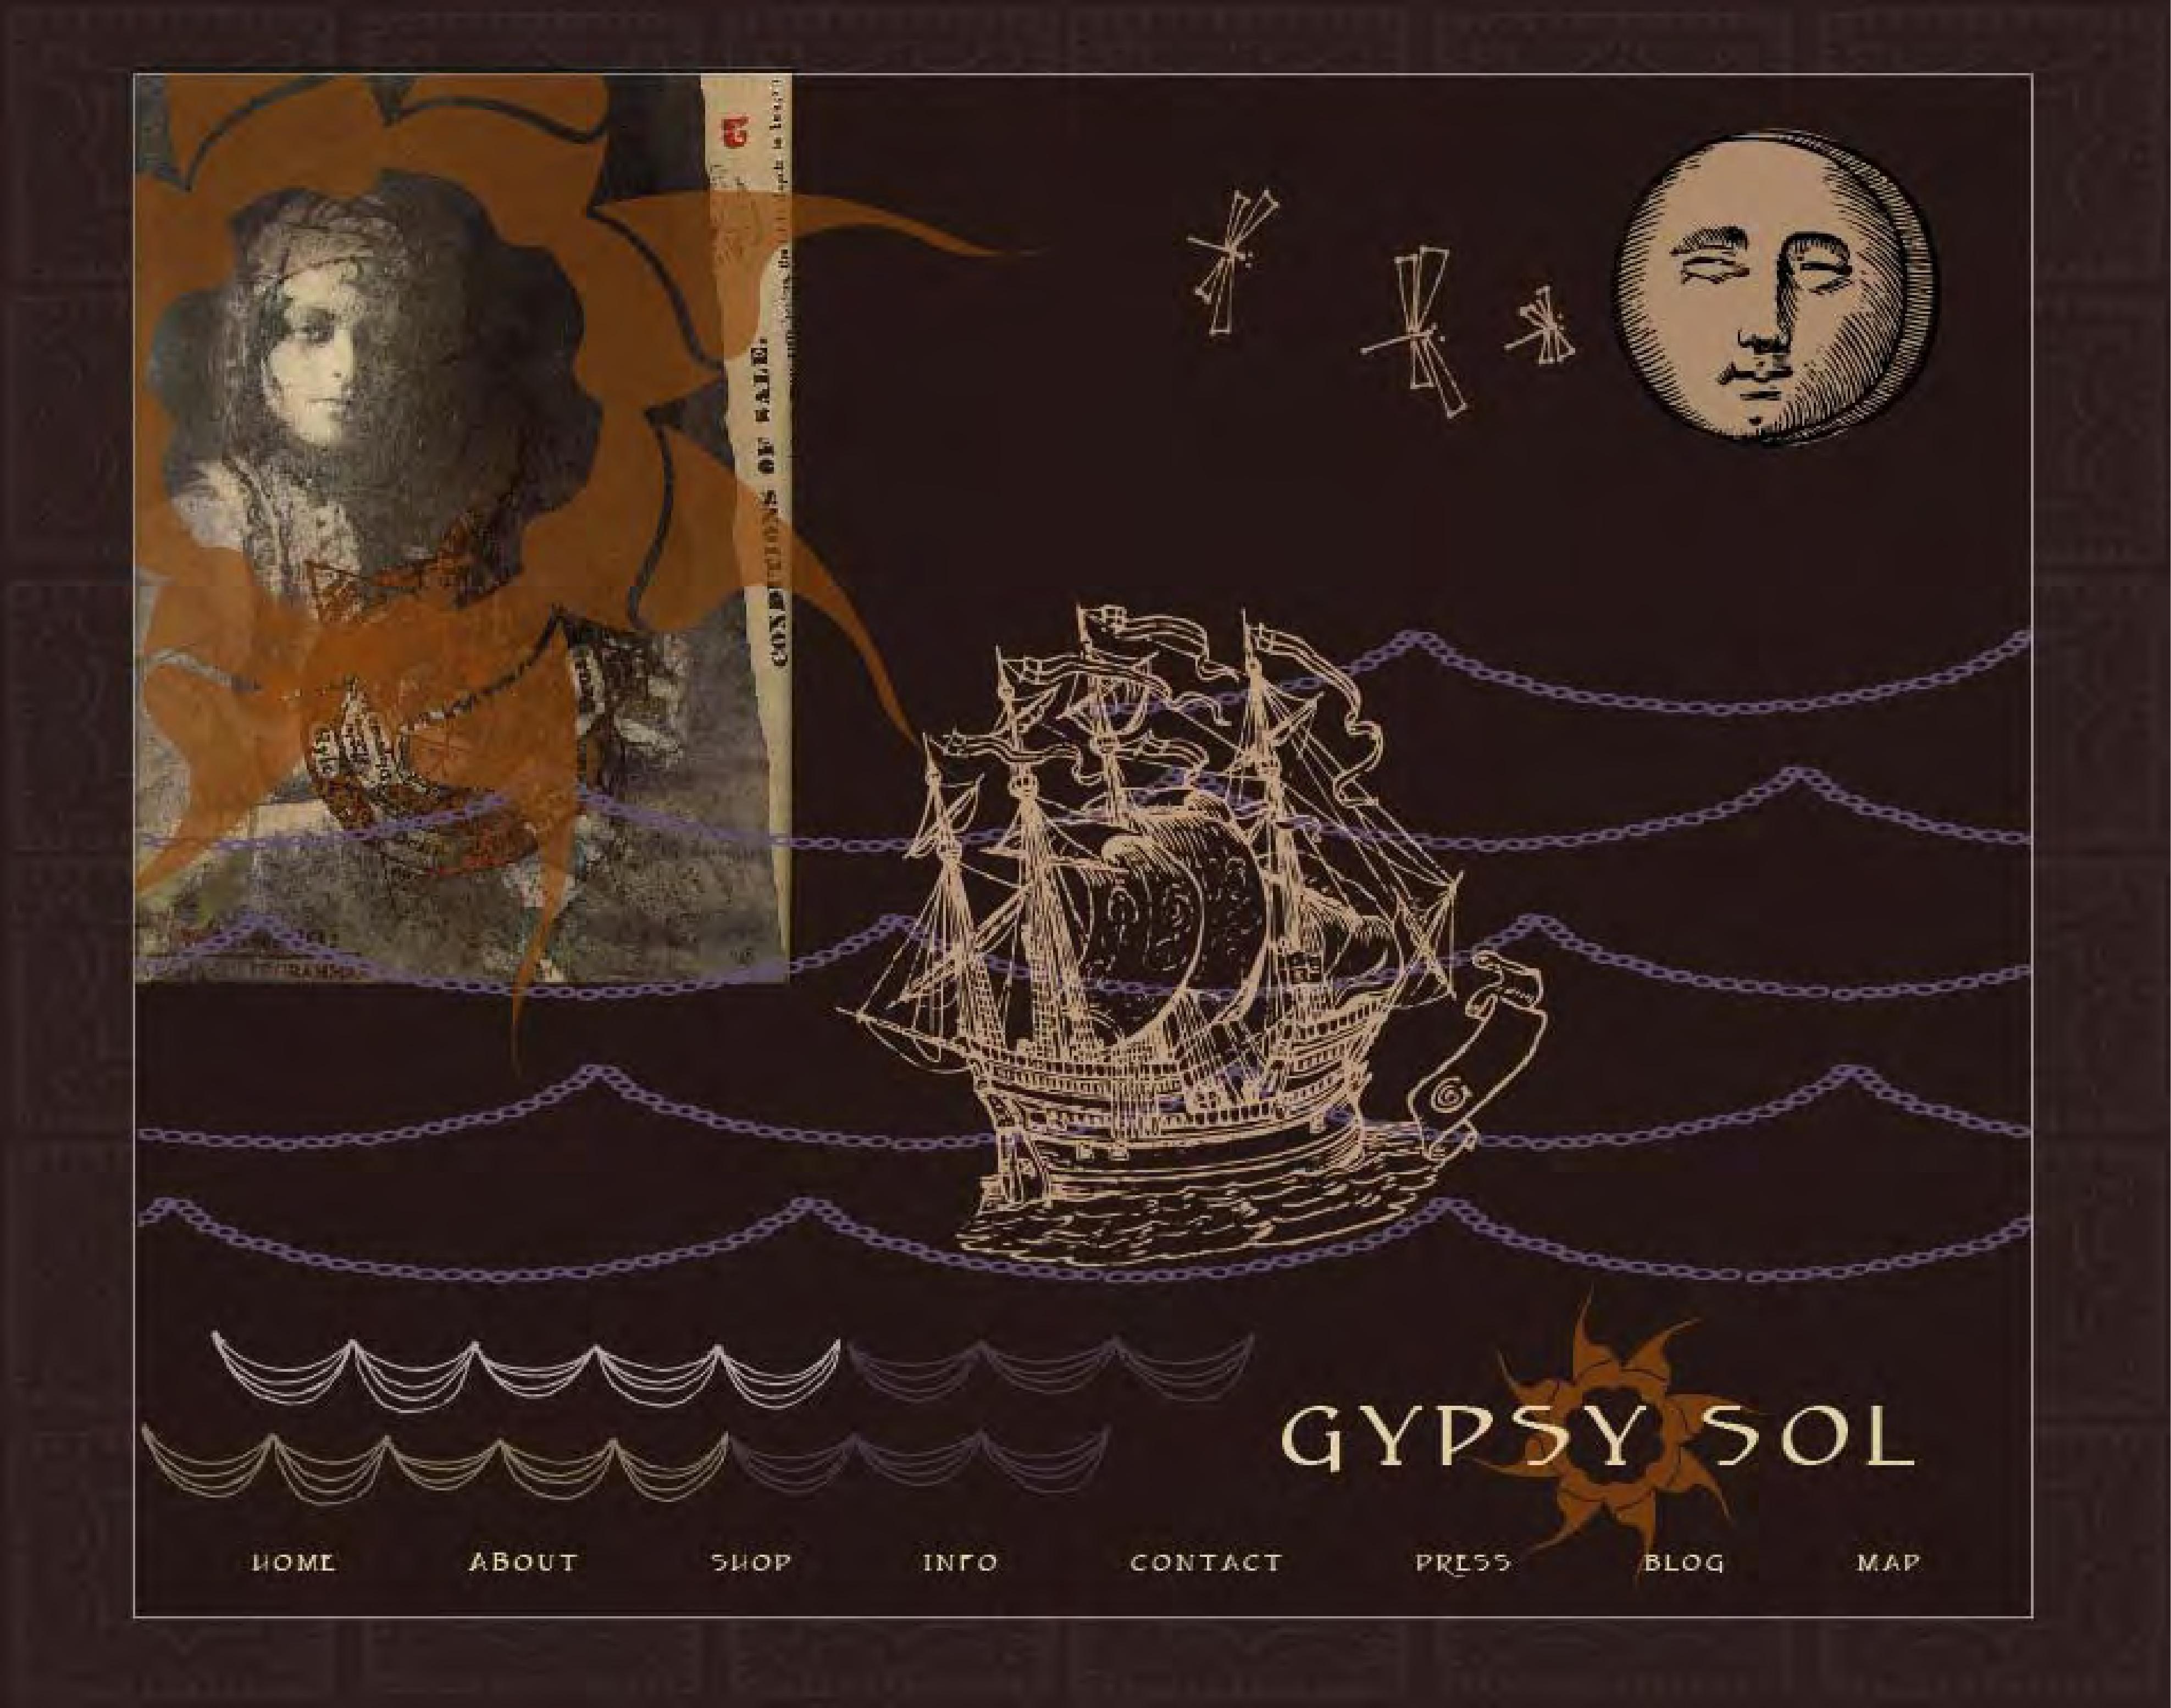 Gypsy Sol